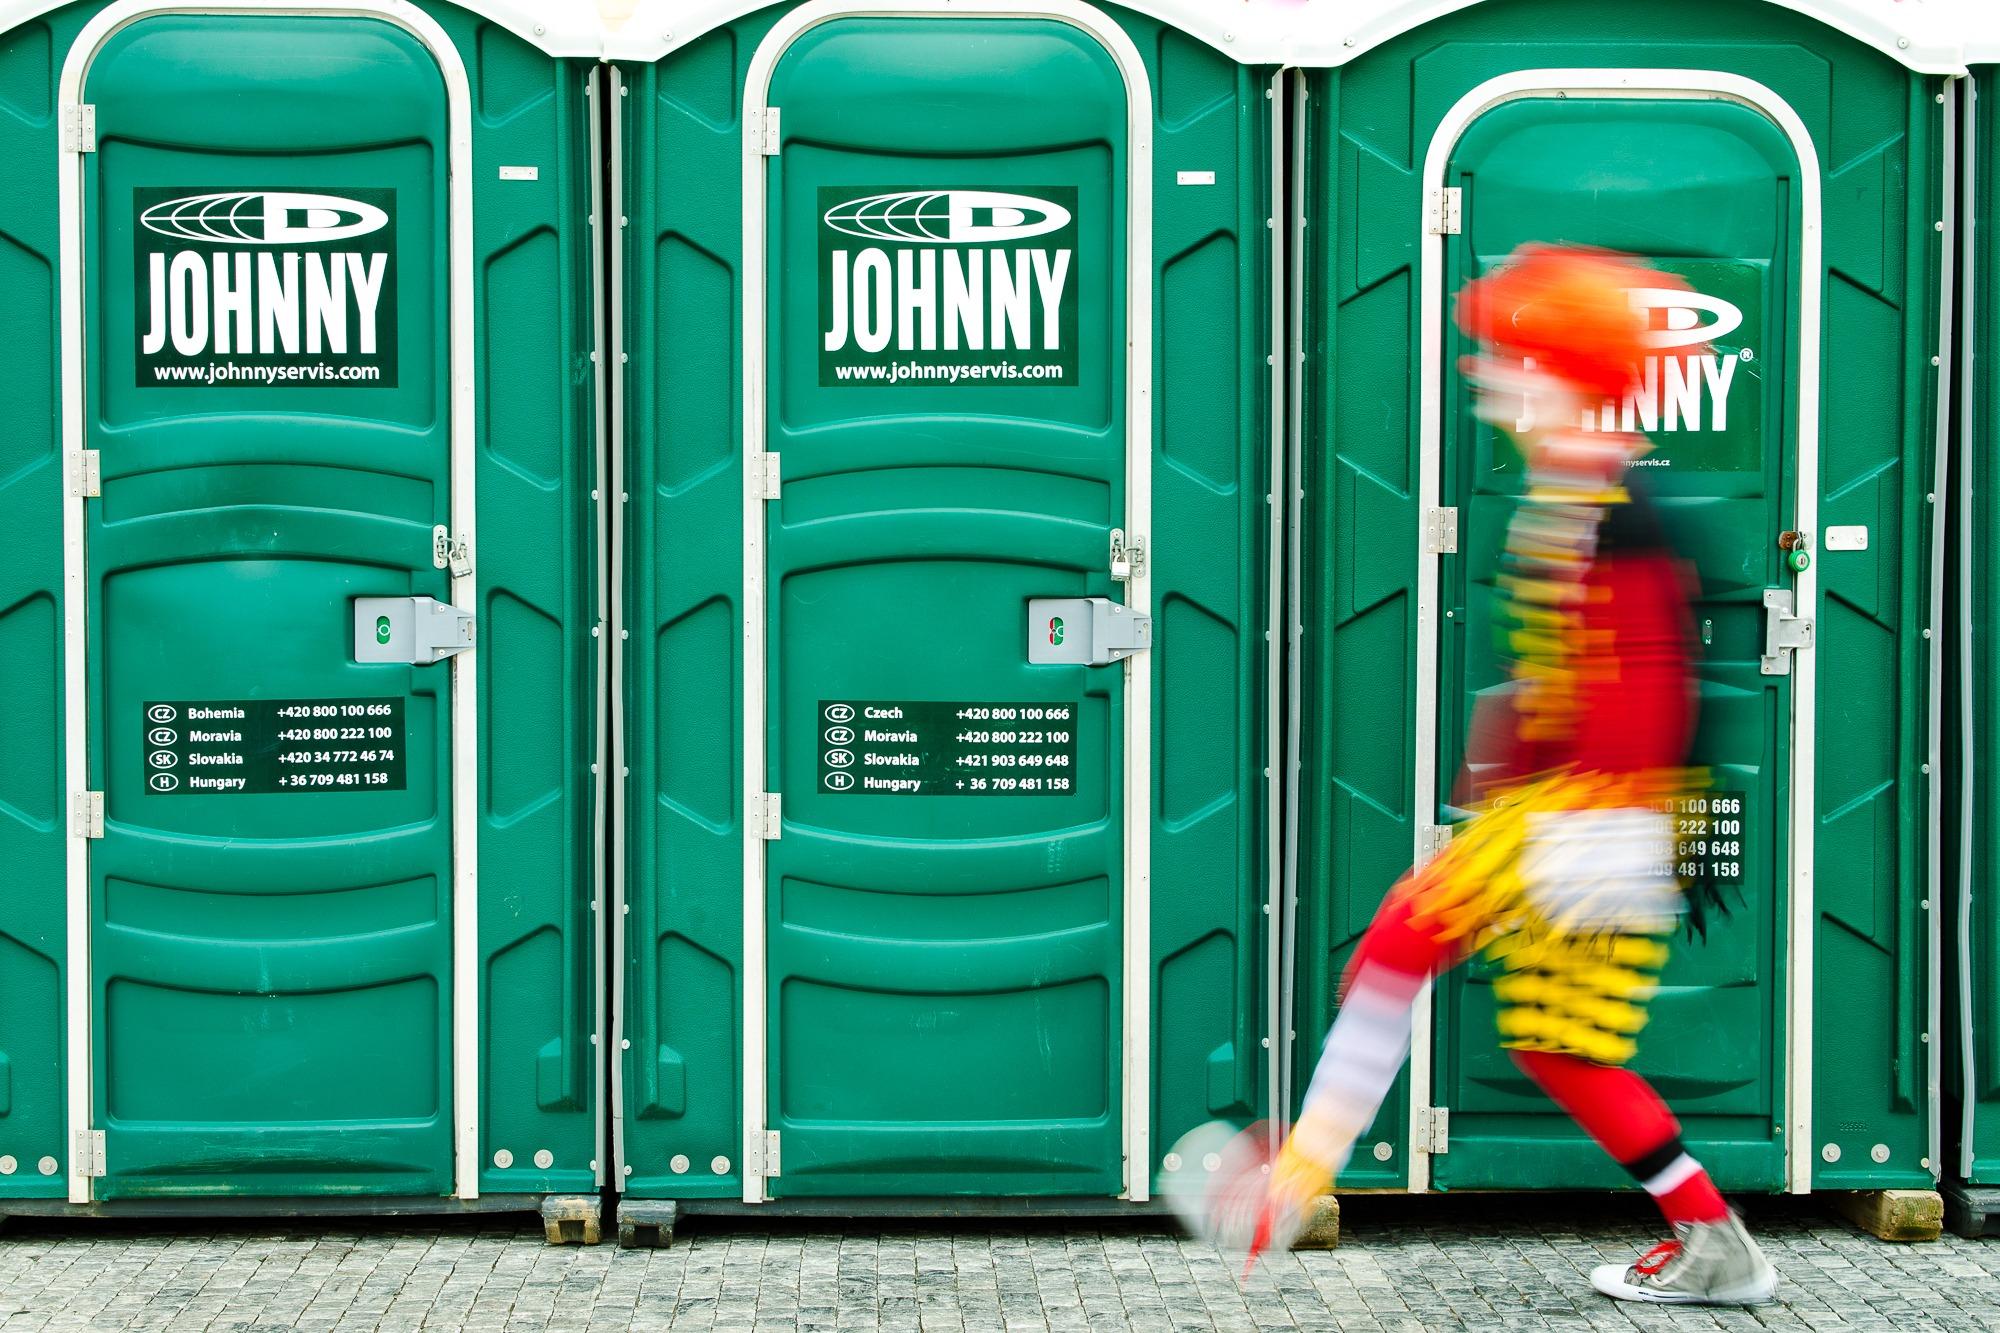 prague clown czech toilet